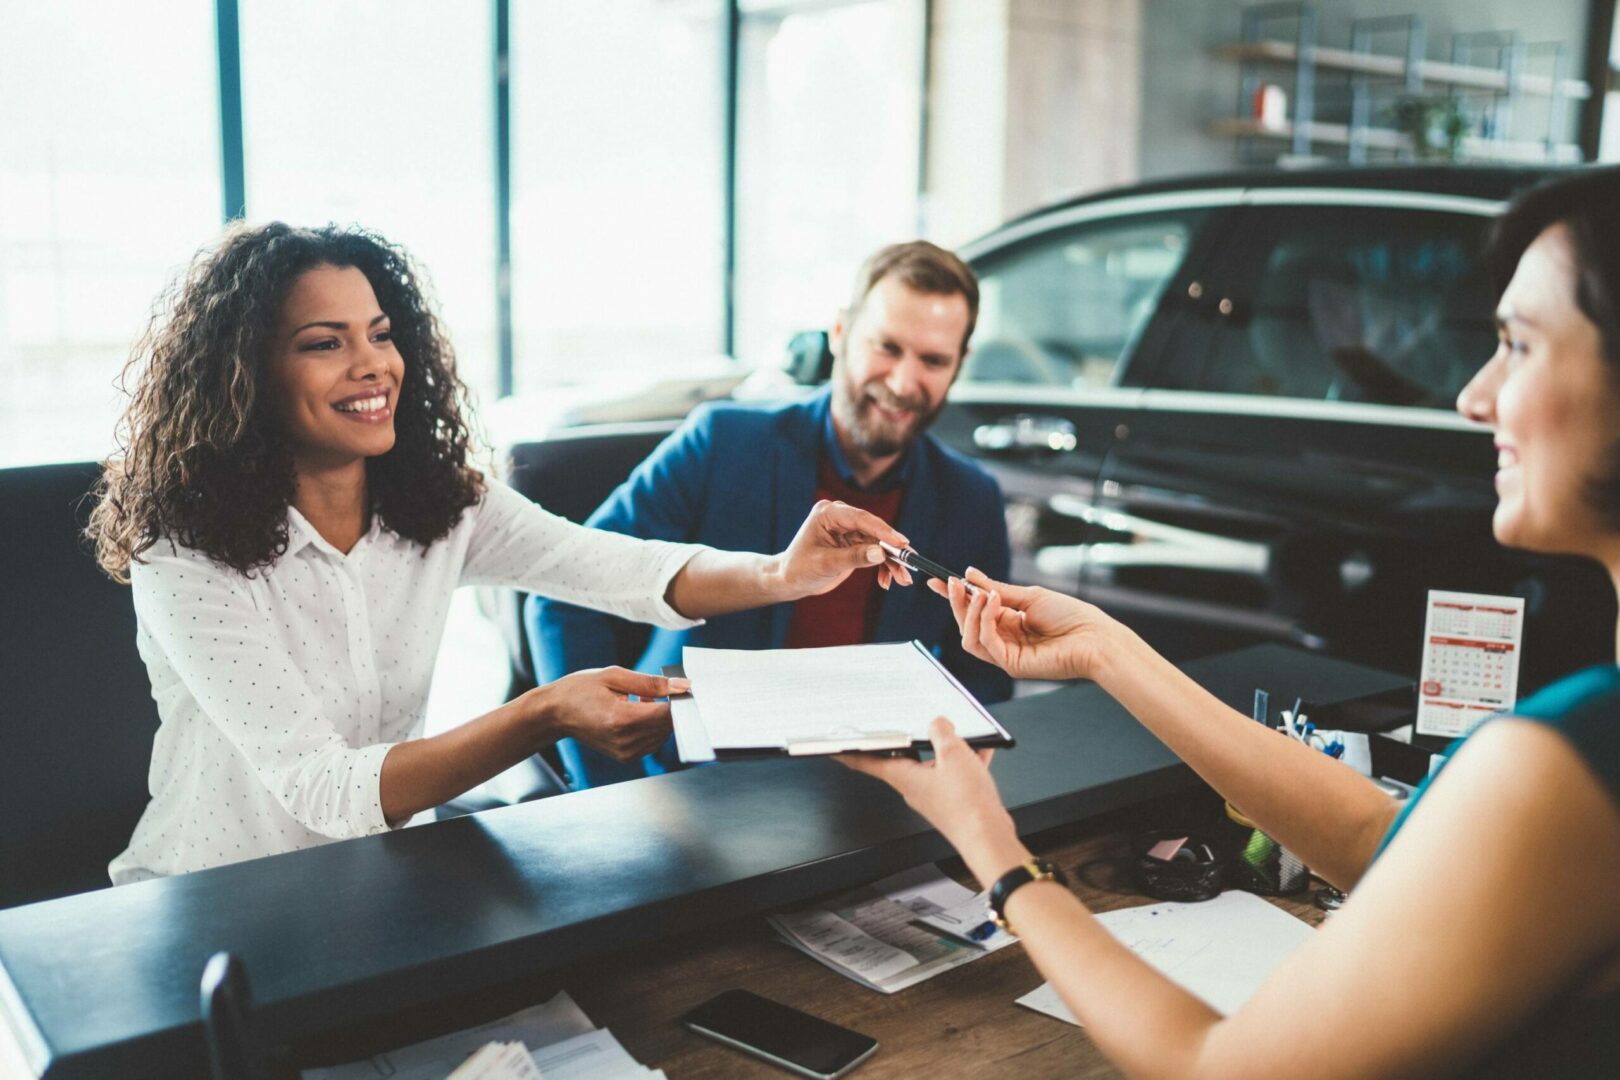 Compra e venda de veículos mais fácil e rápida: saiba como com Autoconf